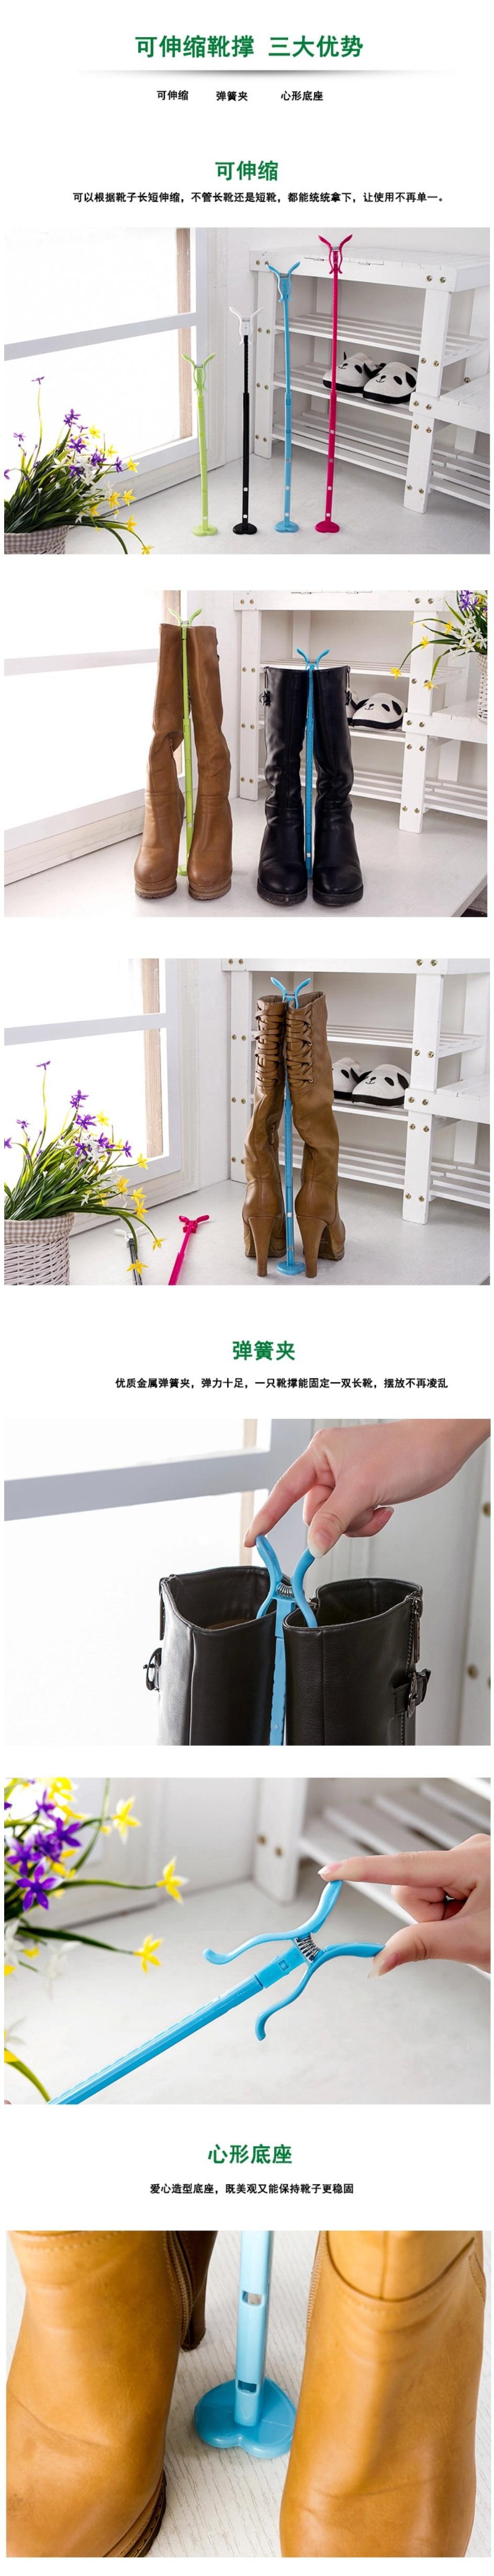 矿泉水瓶手工制作鞋架